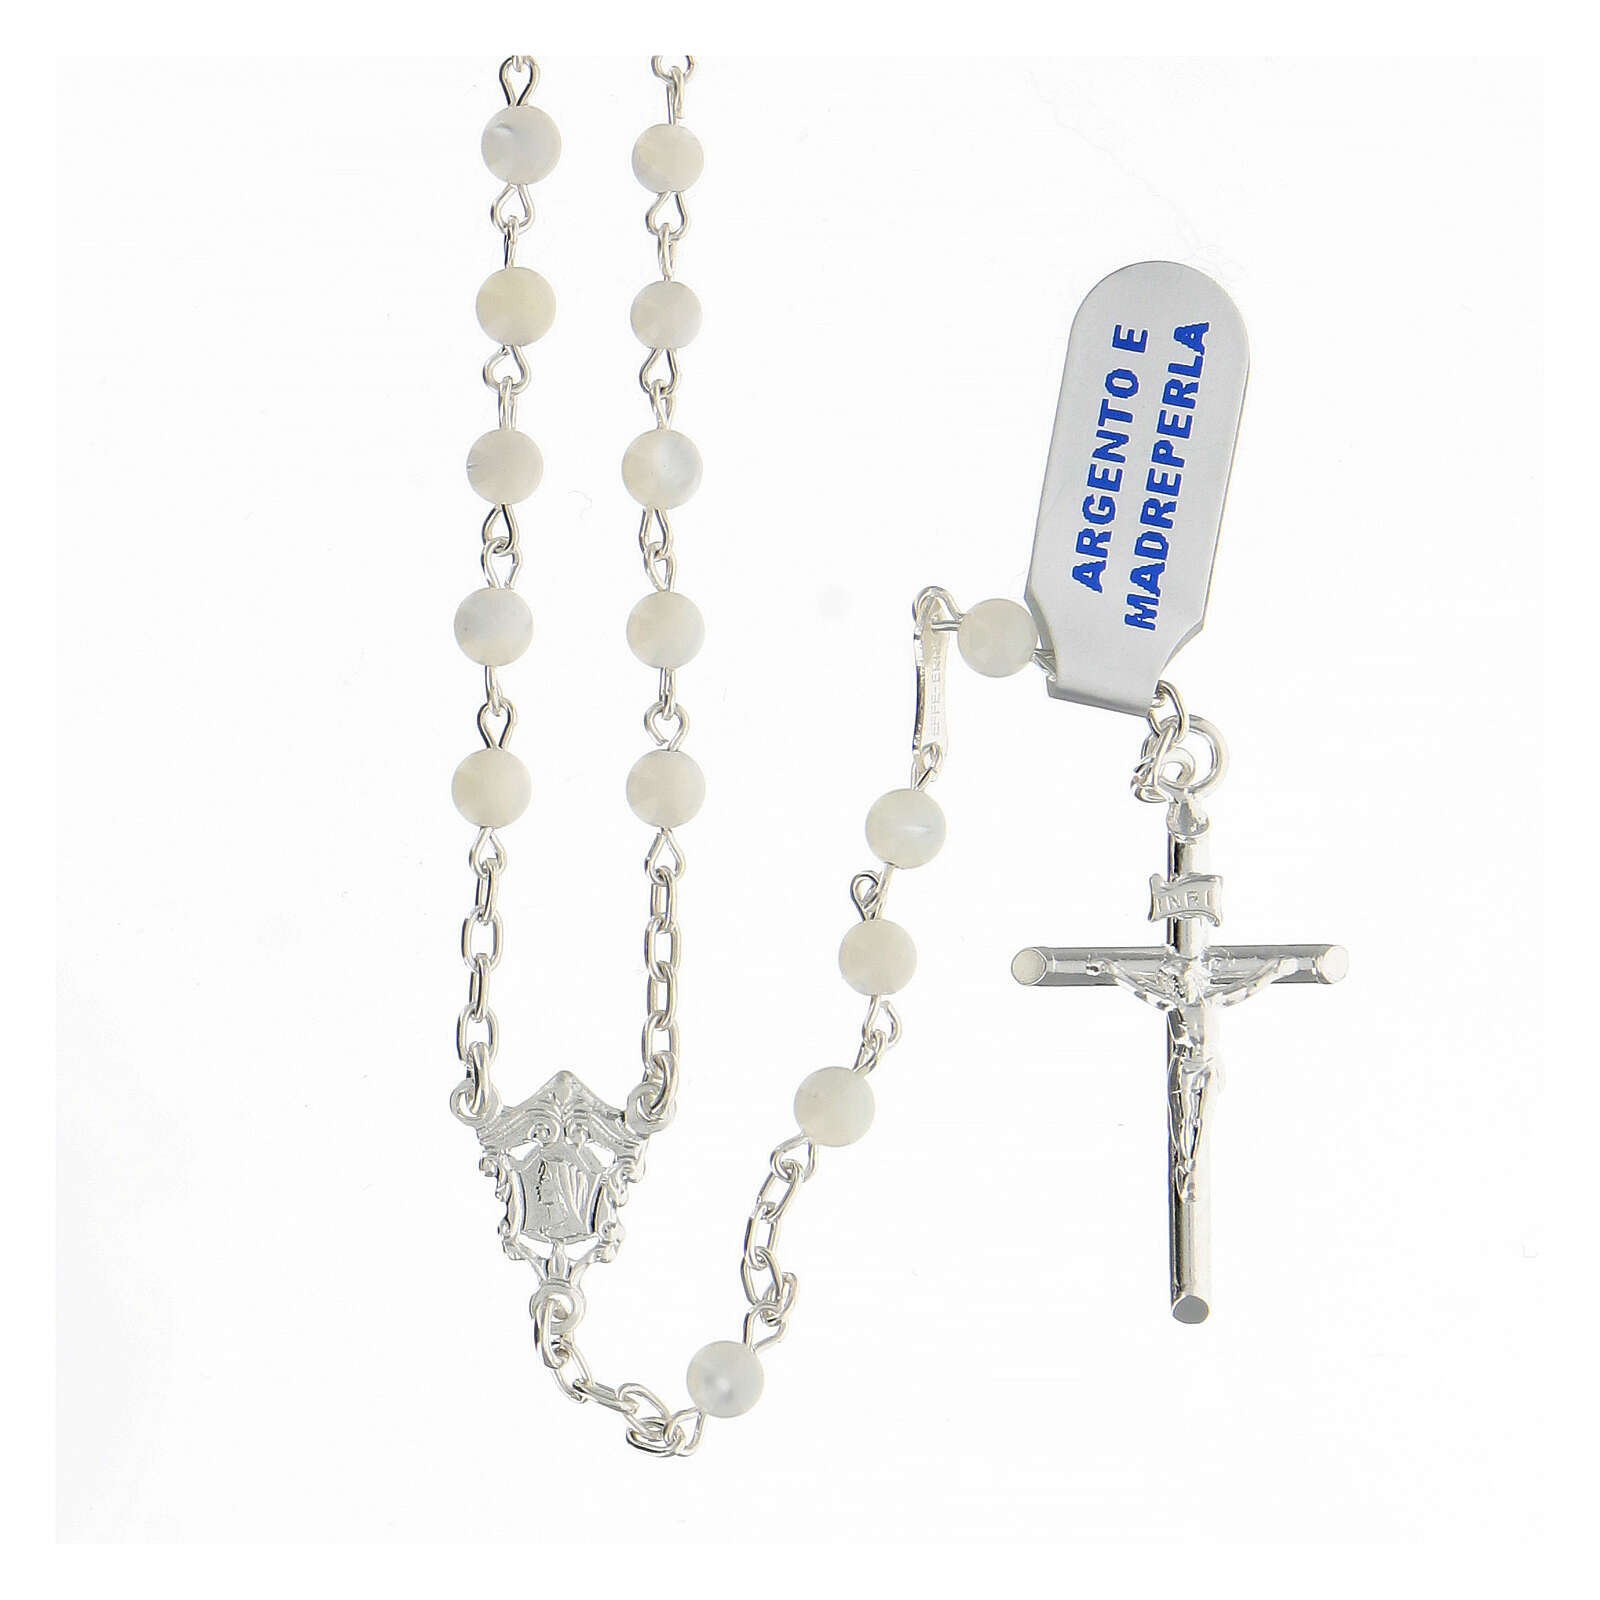 Chapelet grains sphériques 4 mm nacre argent 925 crucifix 4